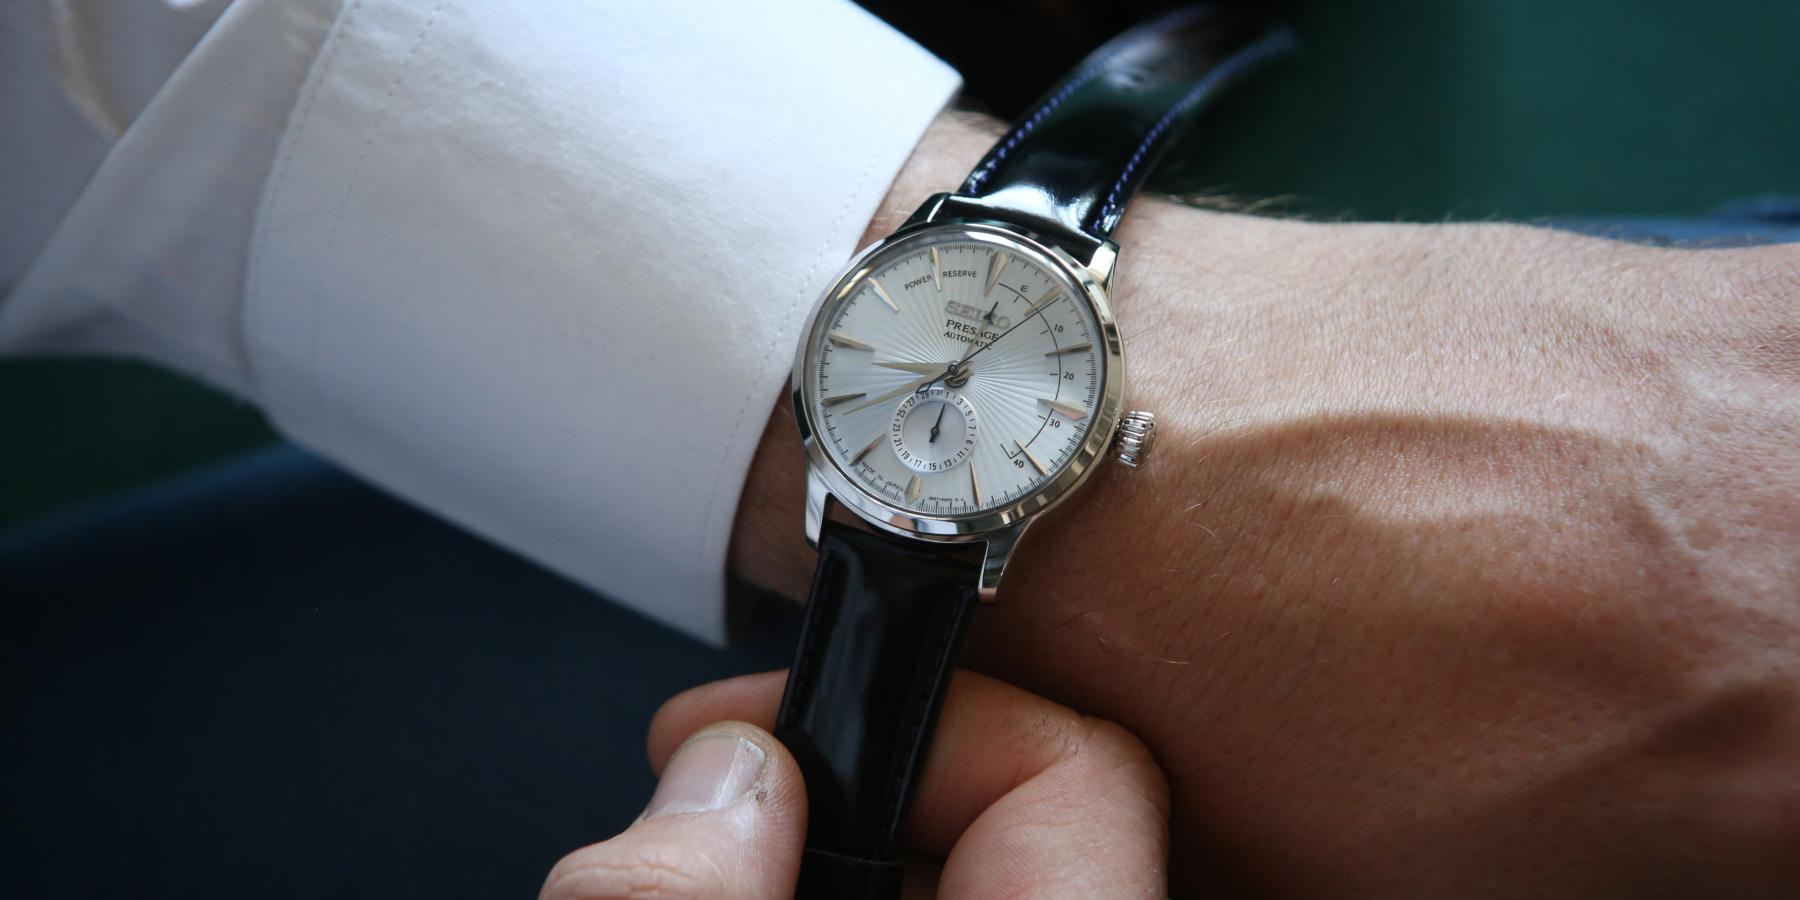 Adriatica, Seiko, czyZeppelin? Jaki zegarek męski wybrać dopracy?